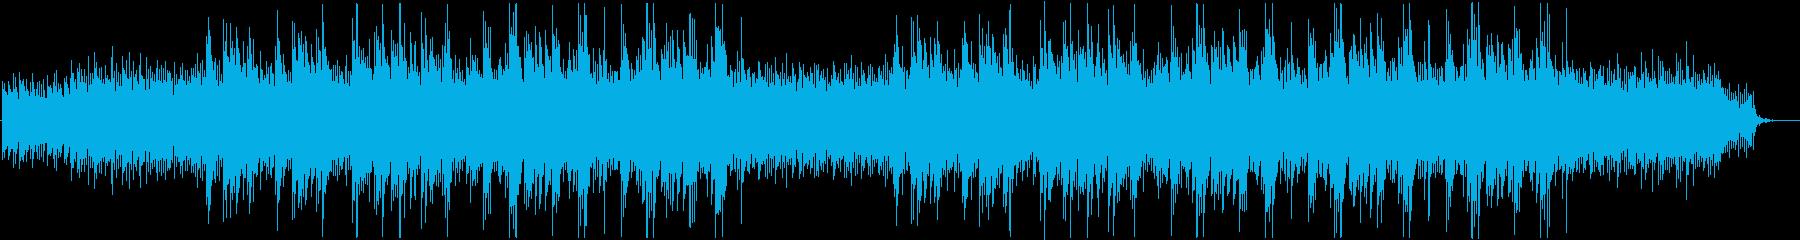 企業VP_爽やかなギターのポップサウンドの再生済みの波形